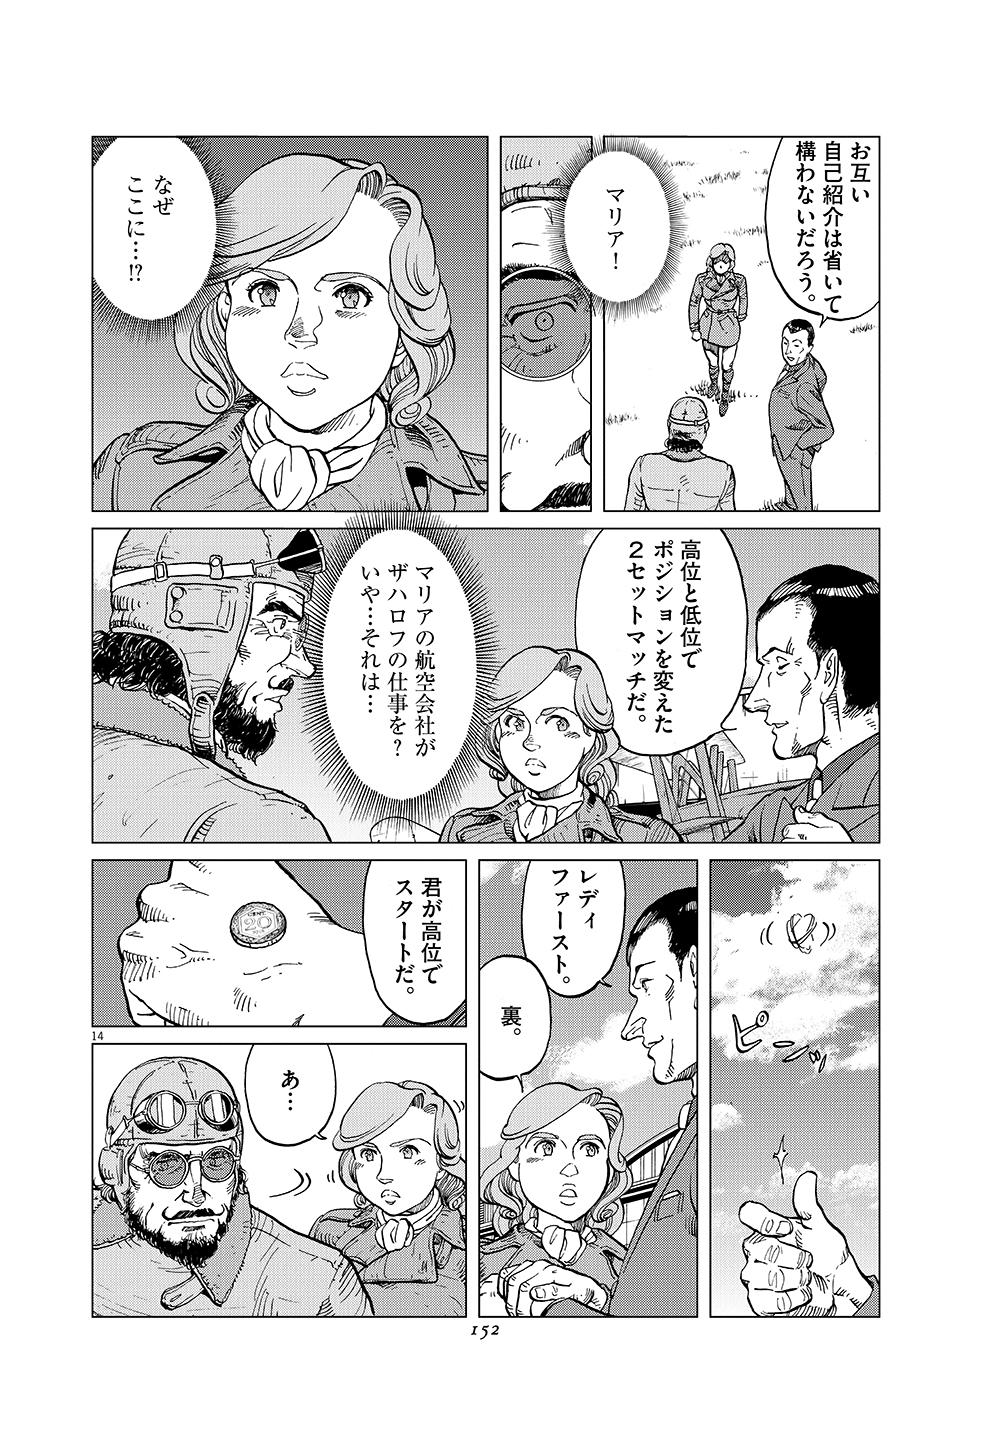 女流飛行士マリア・マンテガッツァの冒険 第十九話14ページ目画像